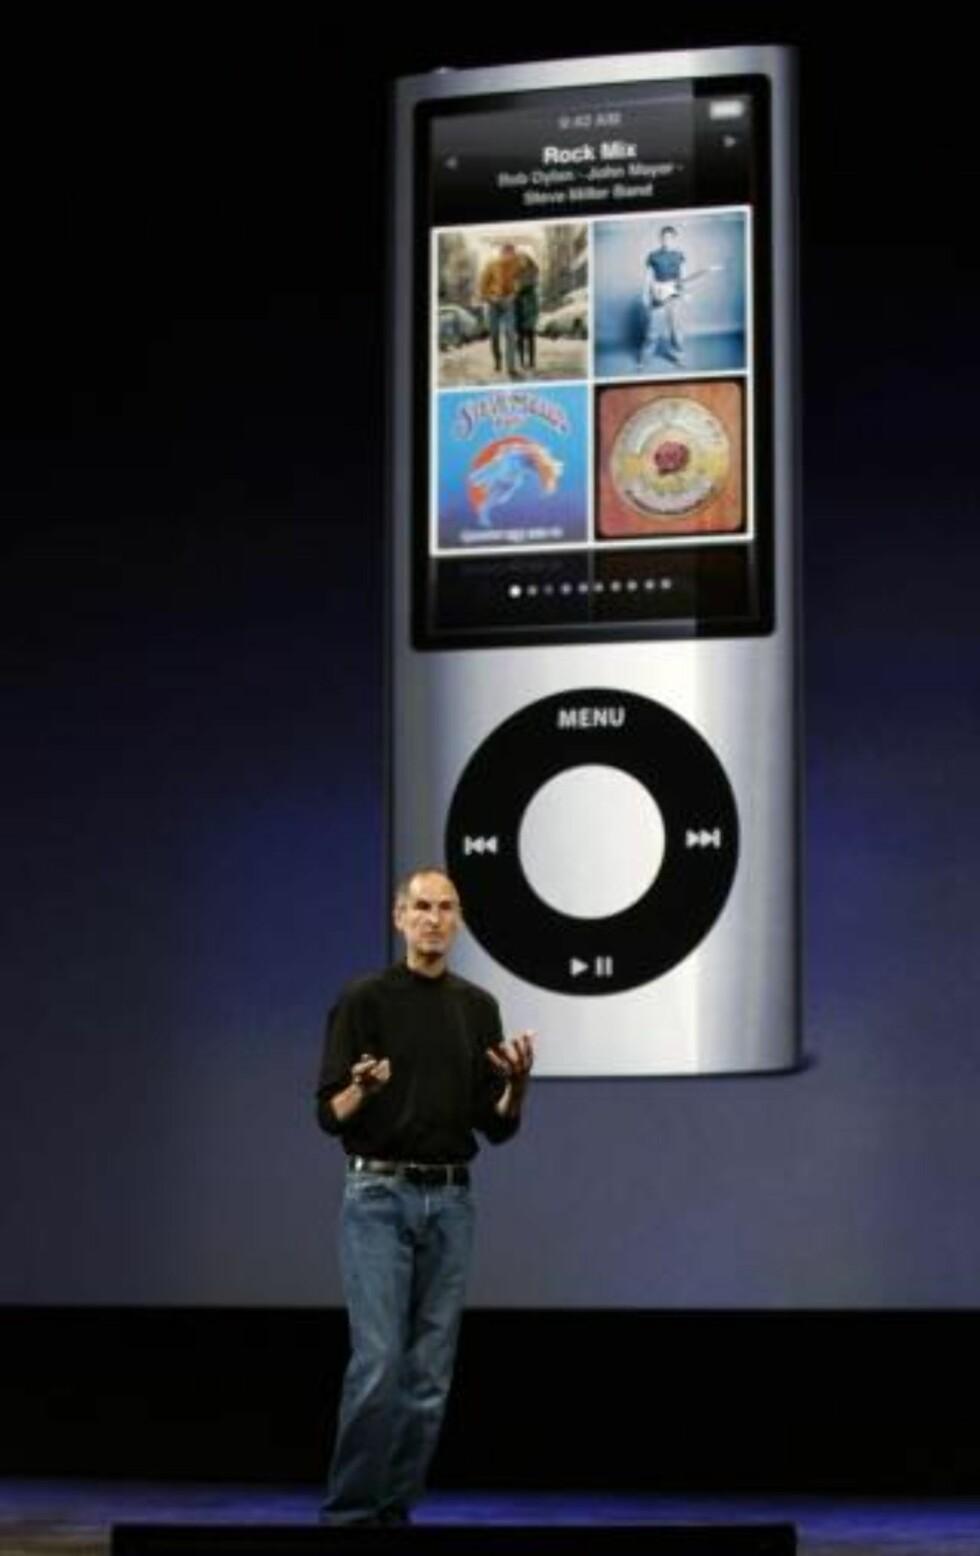 DIGITALE RETTIGHETER:: Hvis du kjøper musikk fra Apple-tjenesten iTunes, er den din — men kan du gjøre hva du vil med den? Her Apple-sjef Steve Jobs med iTunes i bakgrunnen.  Foto: SCANPIX